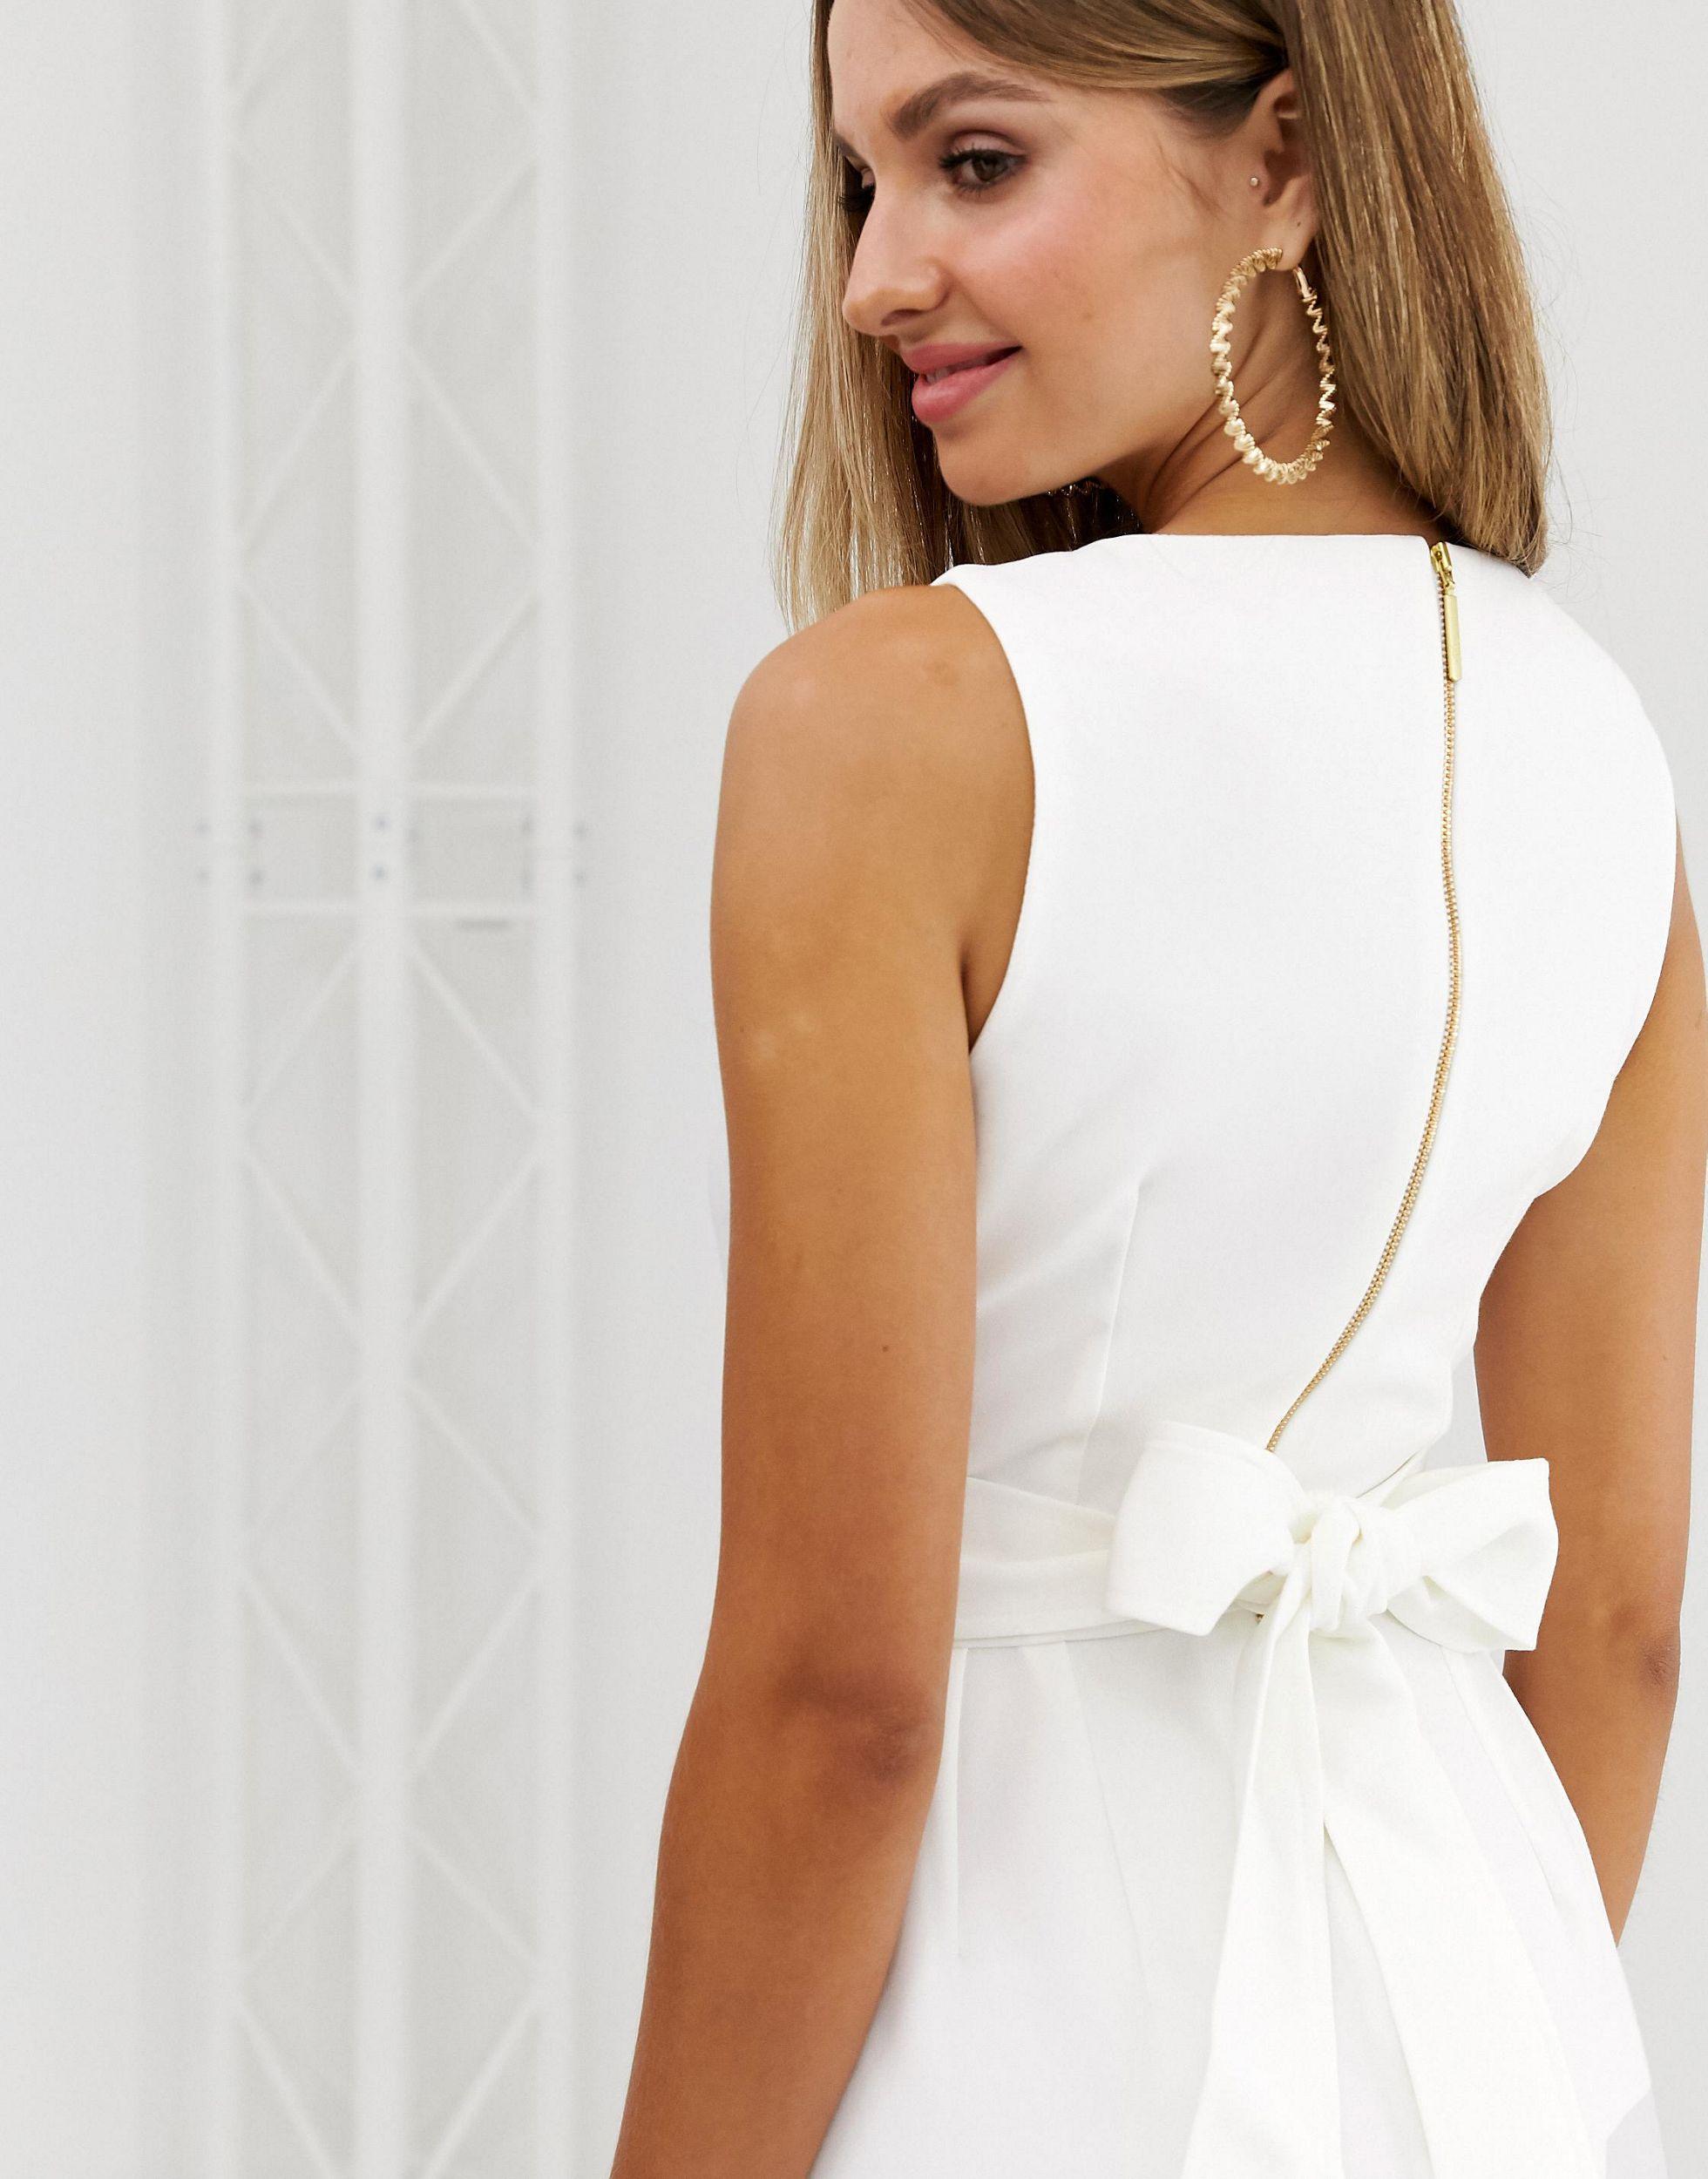 Closet - Robe à fente sur le devant nouée dans le dos Synthétique Closet en coloris Blanc